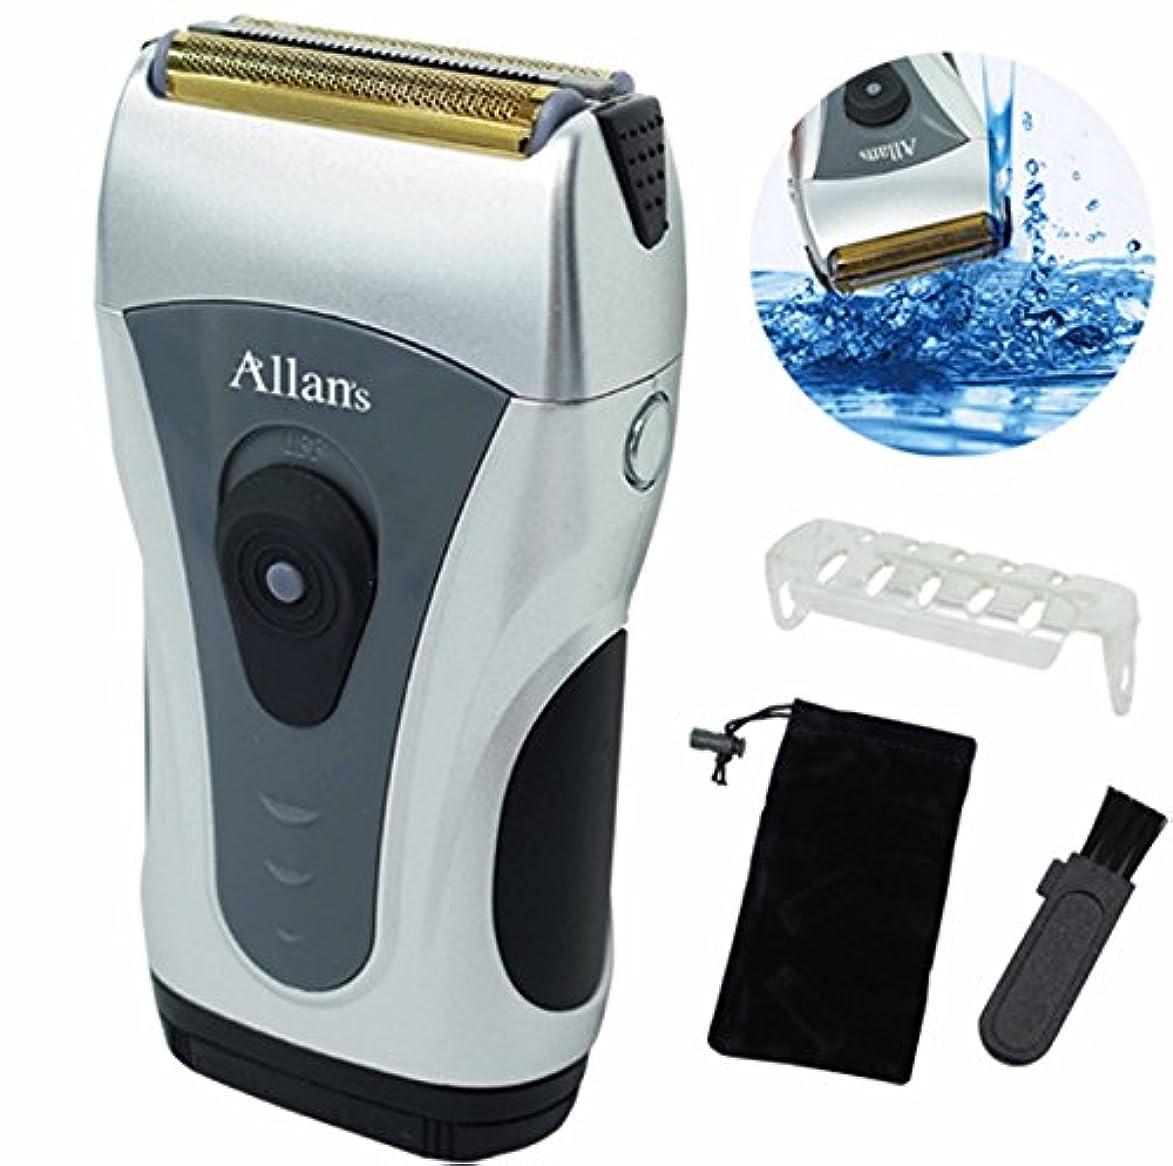 暴露する機関熱心なAllans 携帯 電池 式 電動 髭剃り 水洗い ウォッシャブル メンズ シェーバー コンパクト MEBM-29